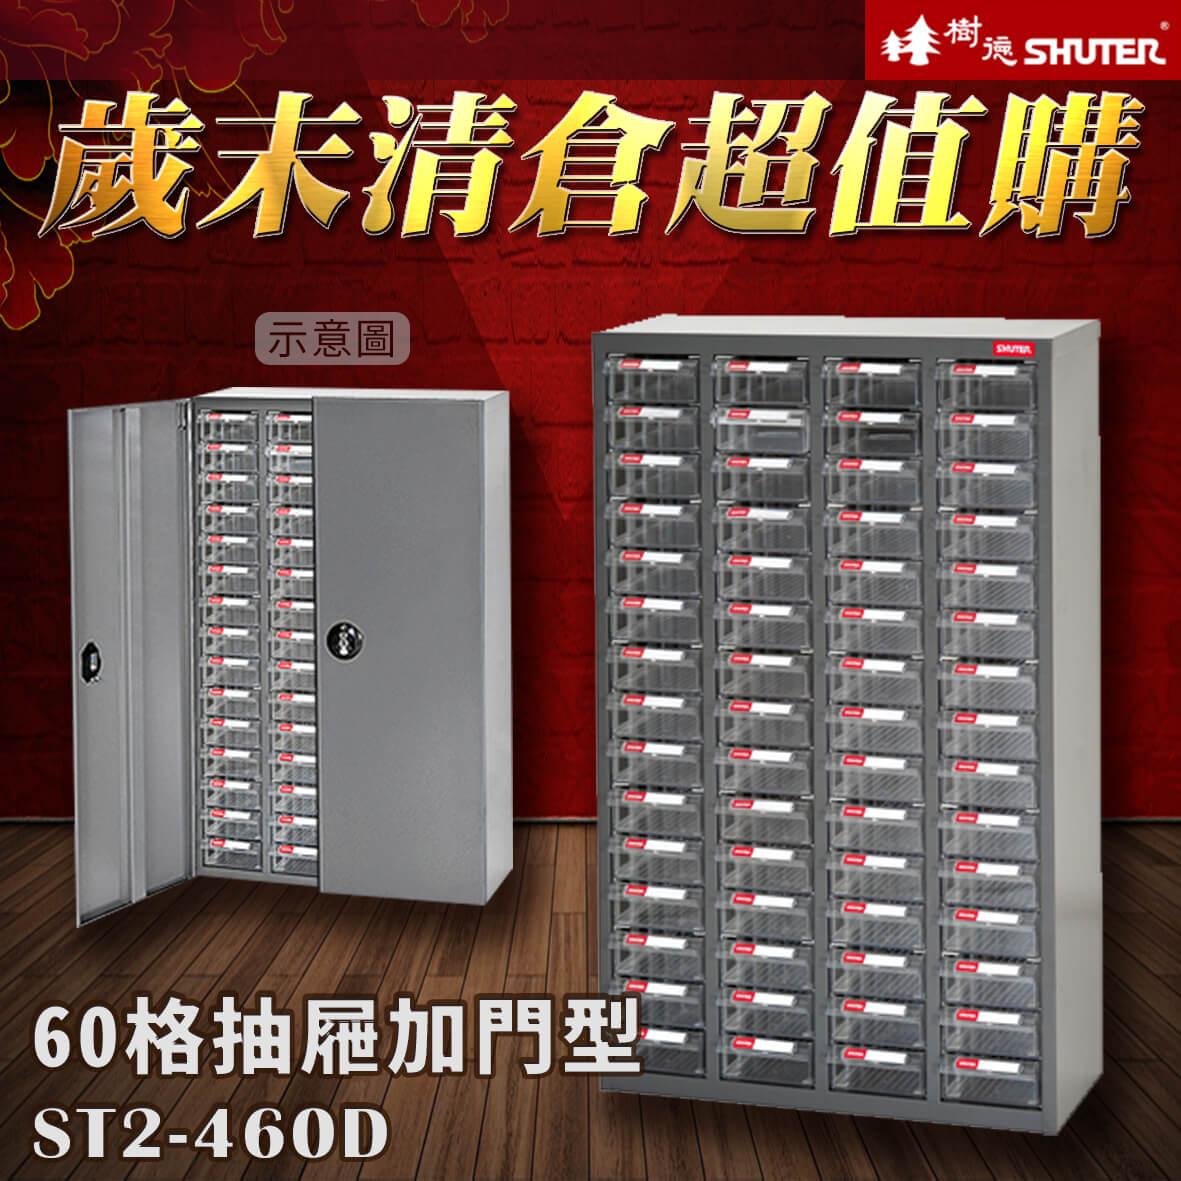 【經典抽屜零件櫃】 裝潢 水電 維修 汽車 耗材 電子 3C 包膜 精密 車床 電器 樹德 ST2-460D(加門型) 60格抽屜